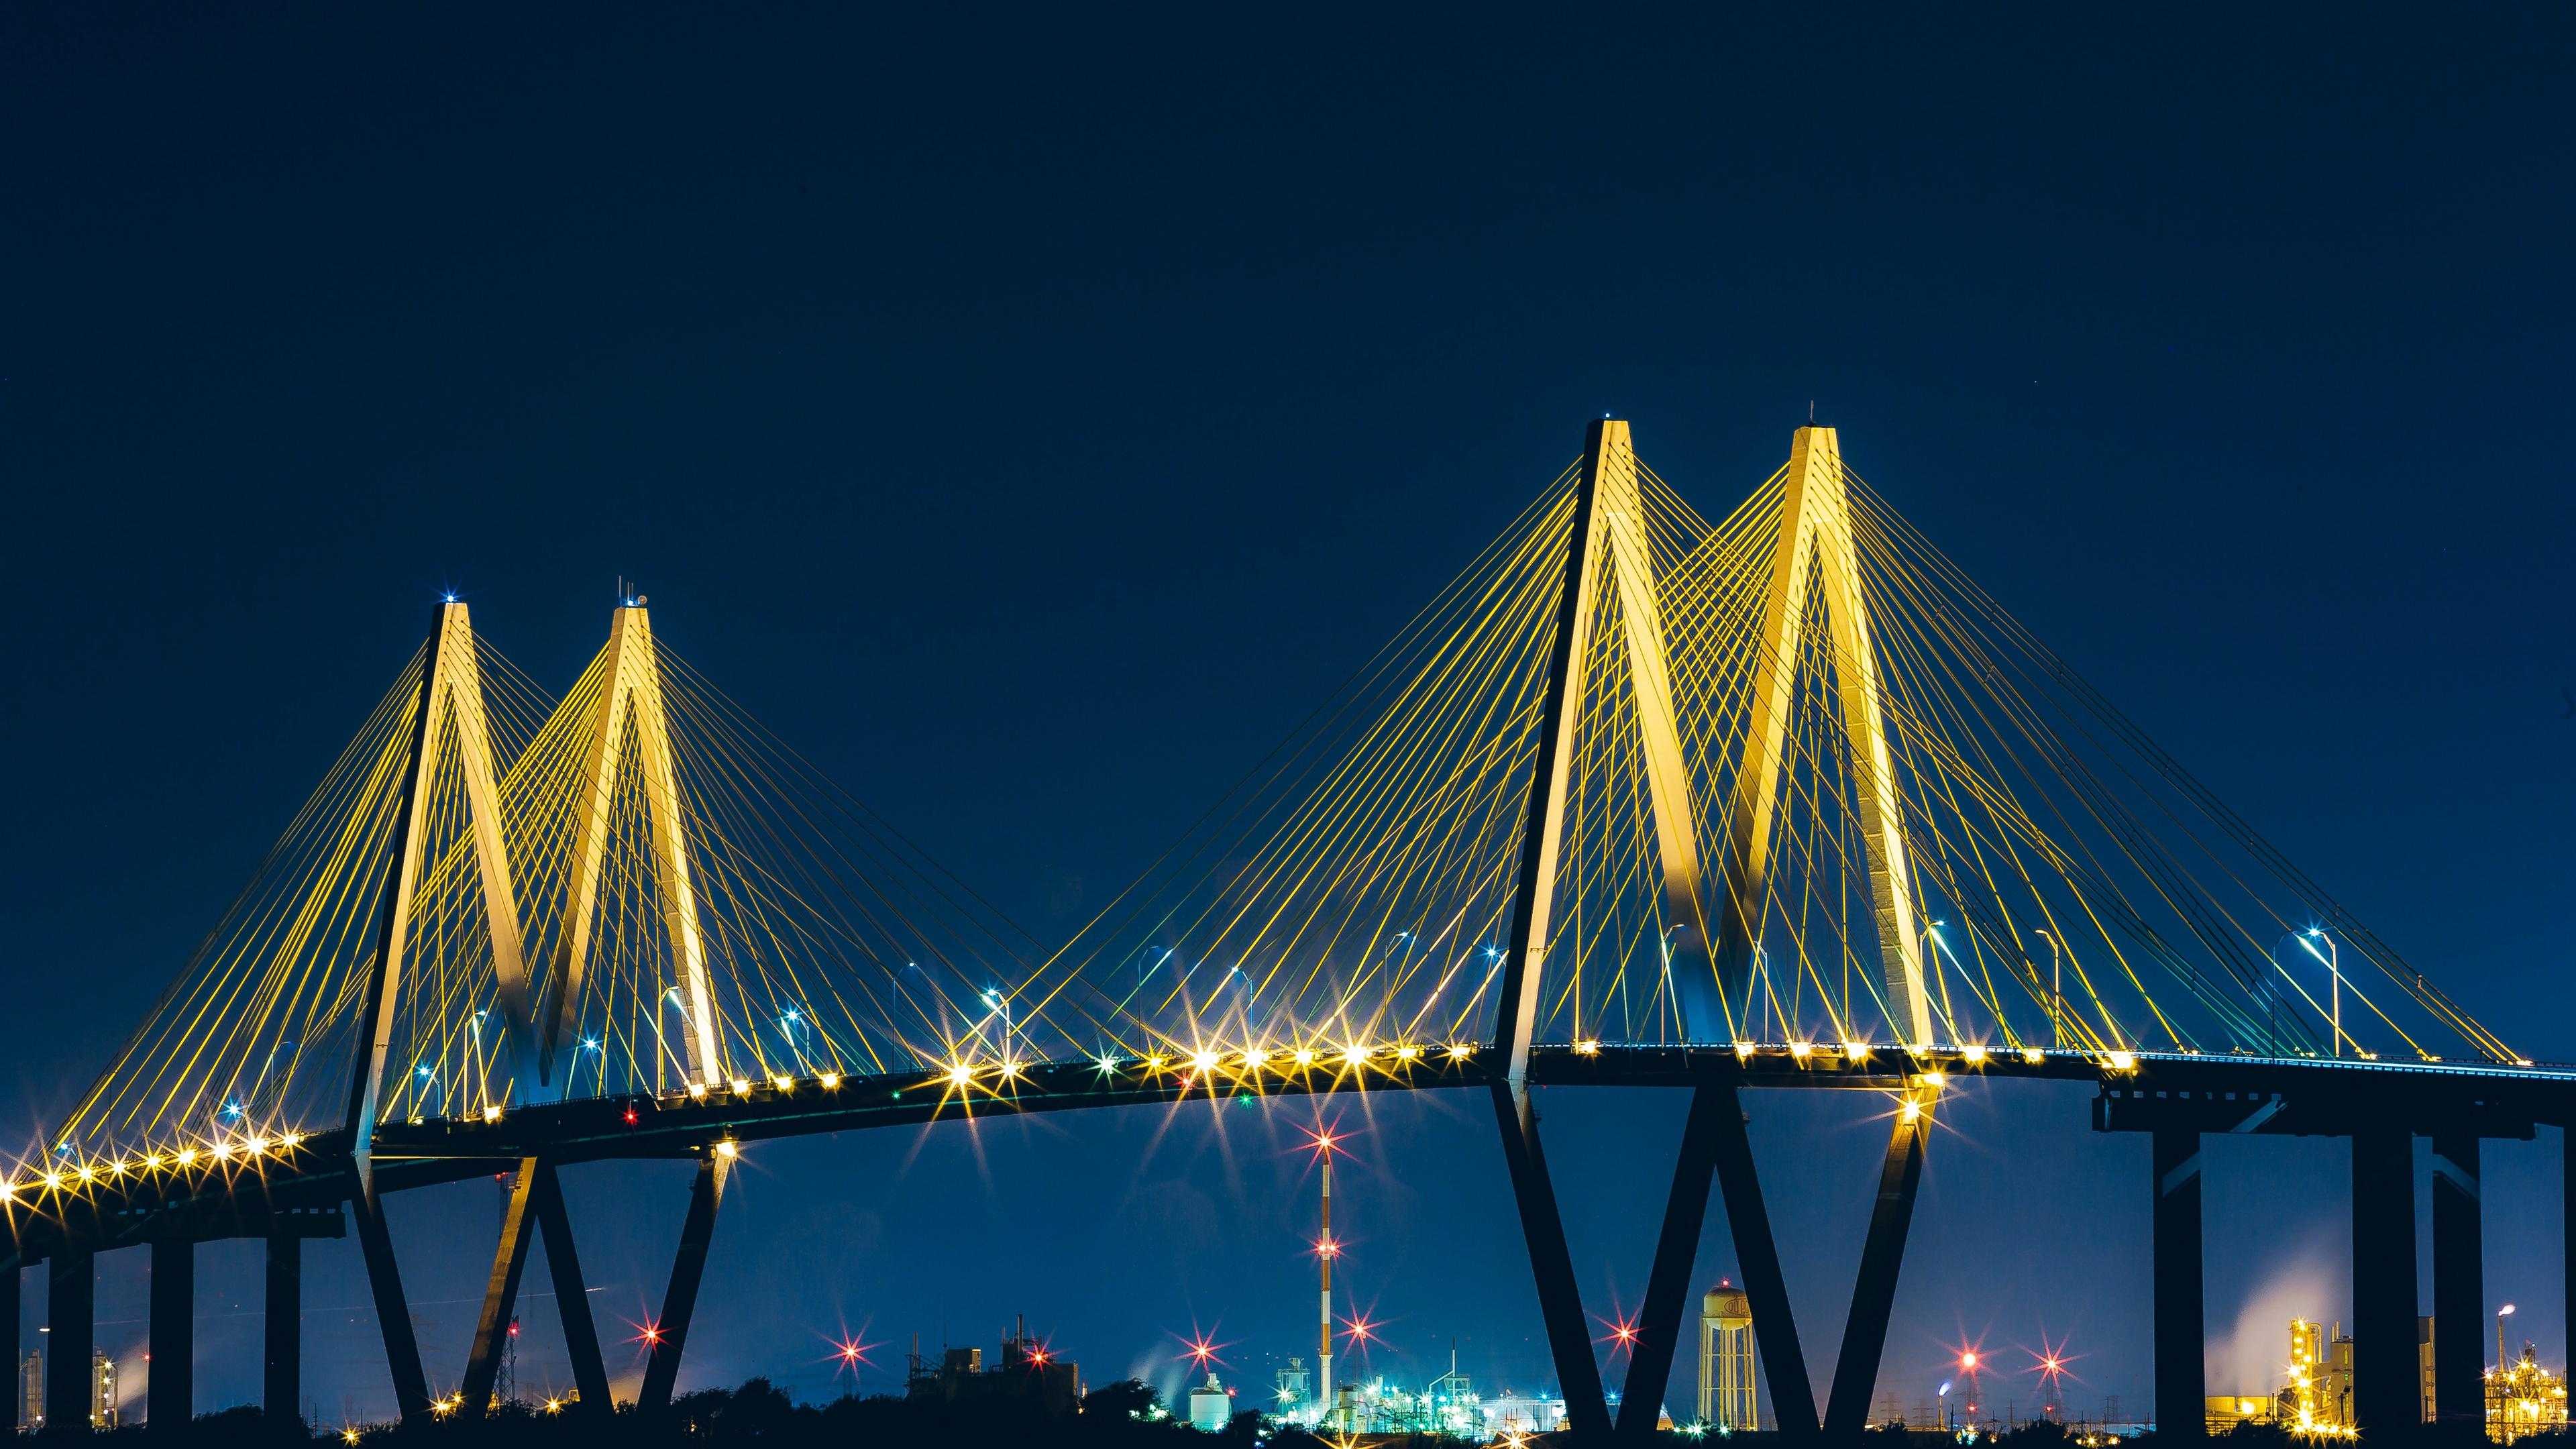 baytown united states bridge night 4k 1538066058 - baytown, united states, bridge, night 4k - united states, bridge, baytown